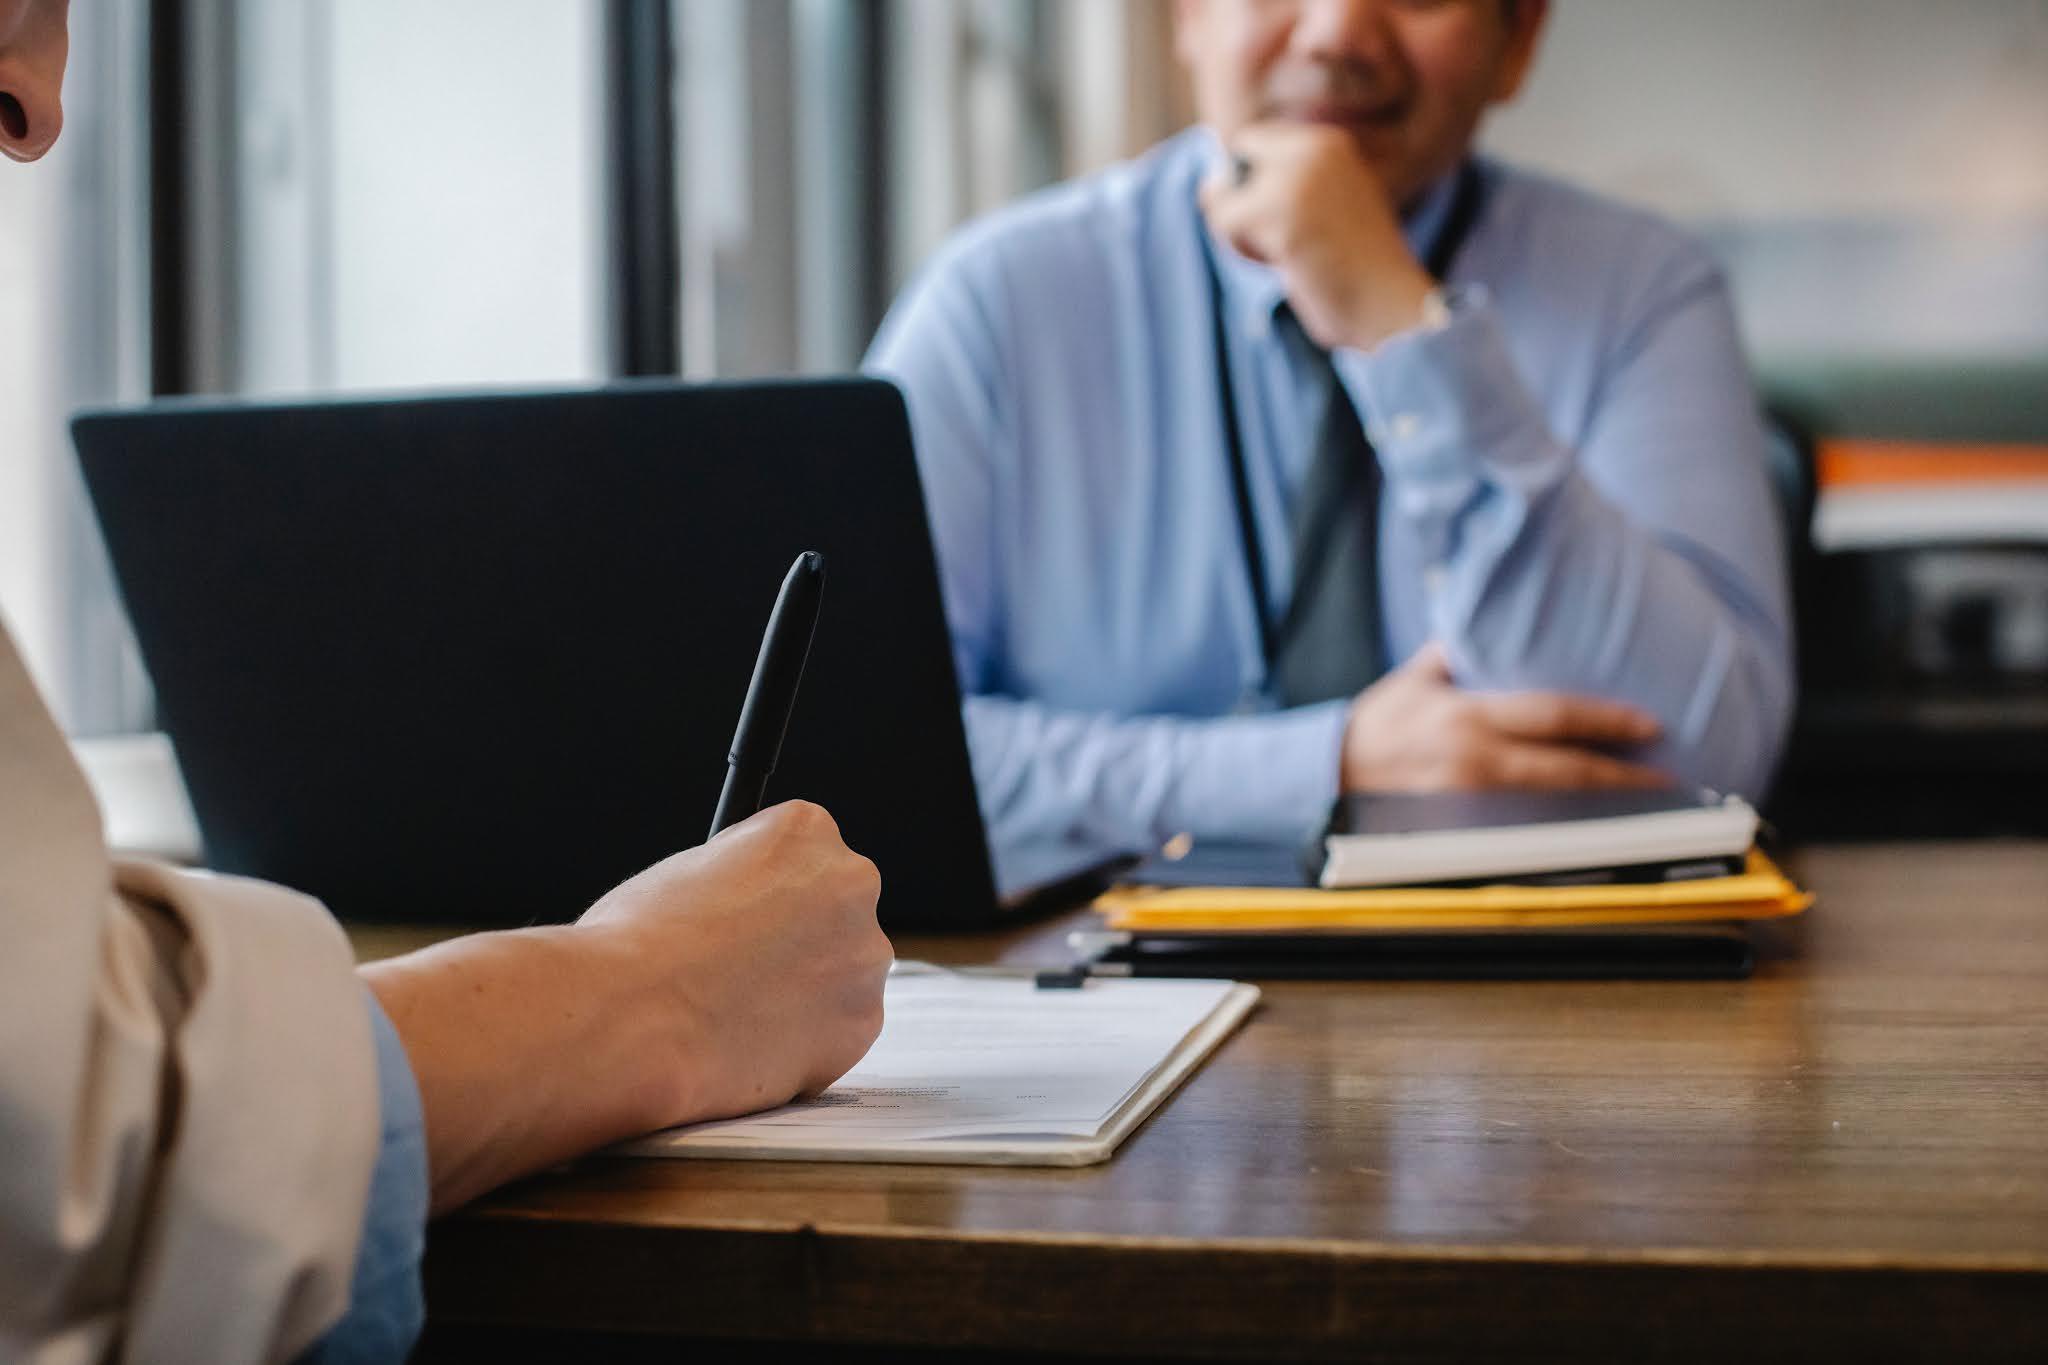 مقابلة العمل-دليل مقابلات العمل-نصائح مقابلة العمل-مقابلات العمل-